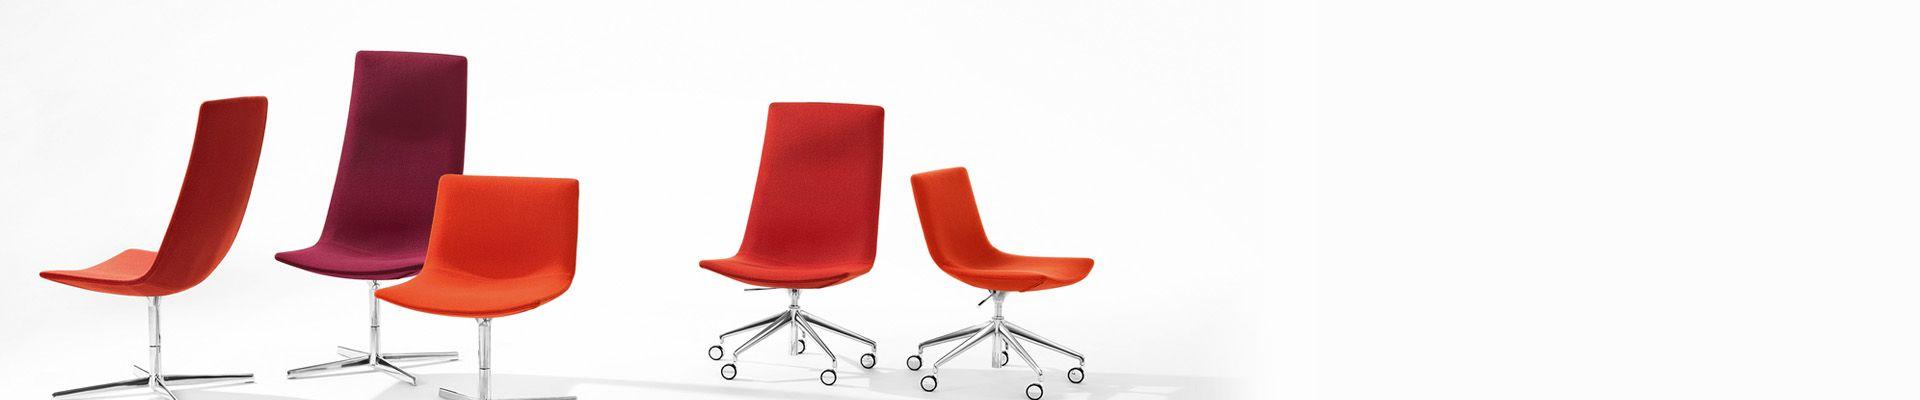 Arper stoelen